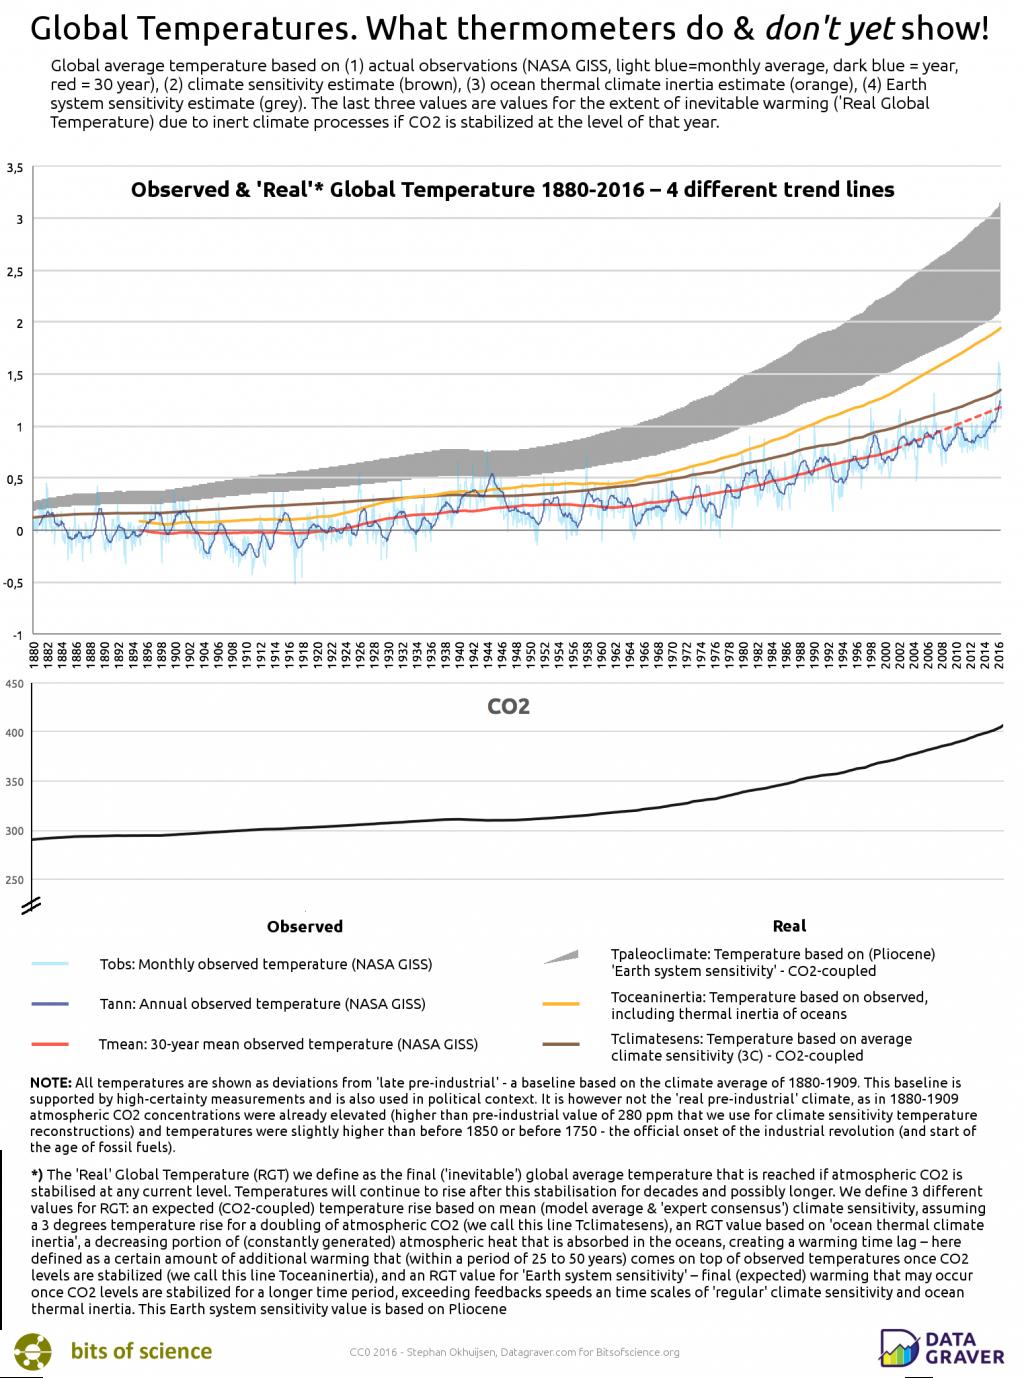 Deze grafiek laat zien hoe de waargenomen temperatuur zich verhoudt tot de stijgende CO2-concentratie in de atmosfeer en hoe de recente hitterecords zich verhouden tot vier verschillend gedefinieerde temperatuurtrendlijnen: een statistische trend (het dertigjarig klimaatgemiddelde), de consensus-waarde voor CO2-klimaatgevoeligheid (welke temperatuur is te verwachten als de hoeveelheid CO2 verdubbelt), een temperatuurlijn die de traagheid van de oceanen wegfiltert en een temperatuurlijn die een parallel trekt met een paleoklimatologisch verband tussen CO2 en de wereldtemperatuur, gebaseerd op onderzoek naar het Eoceen en Plioceen (relatief warme perioden van enkele miljoenen jaren geleden). Grafiek: Stephan Okhuijsen. (Klik voor een vergroting)